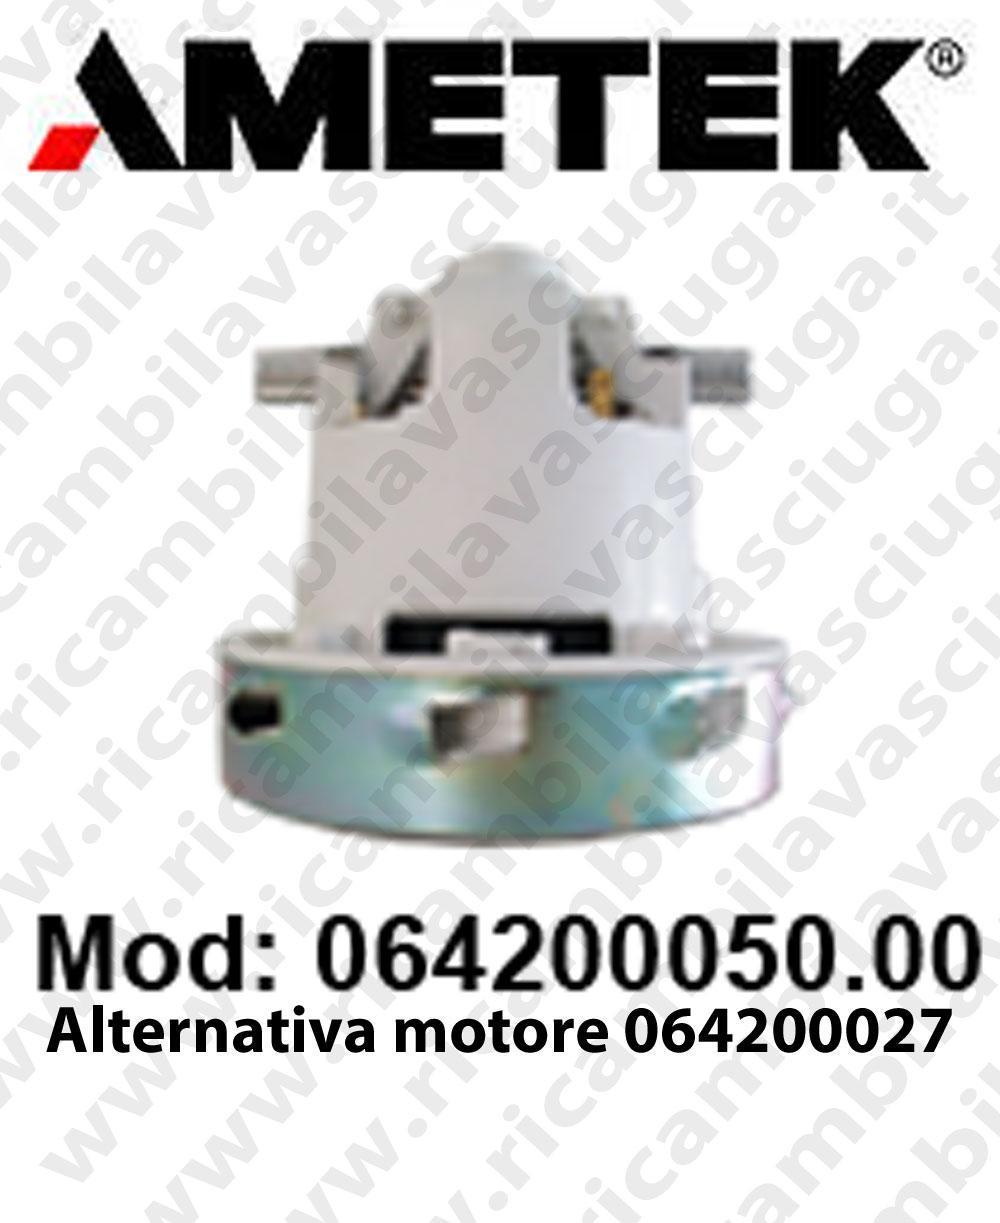 MOTEUR ASPIRATION 064200050.00 AMETEK pour autolaveuses et aspirateur ottima alternativa al MOTEUR 064200027